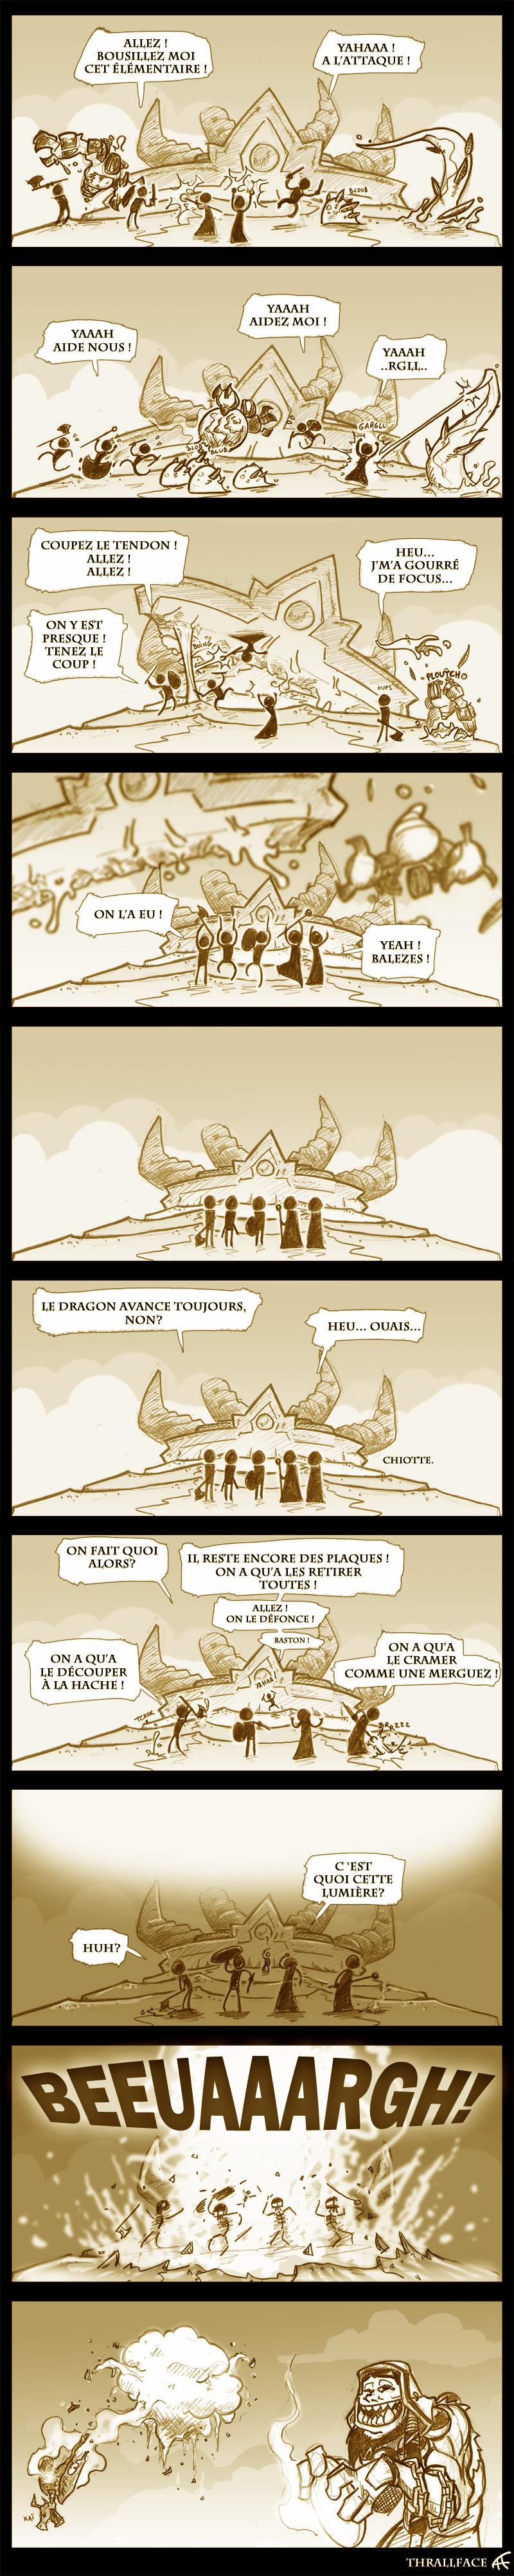 Bande dessinée réalisée par FranHoiss.